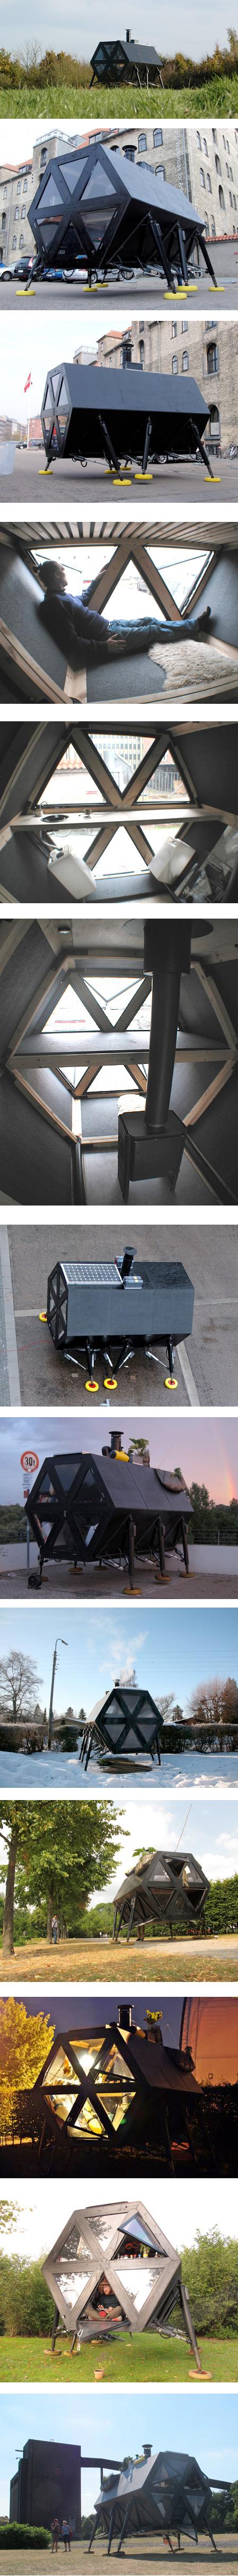 - صور منزل متحرك 2012-صور منزل يتحرك 2013 12100212070821u0.jpg